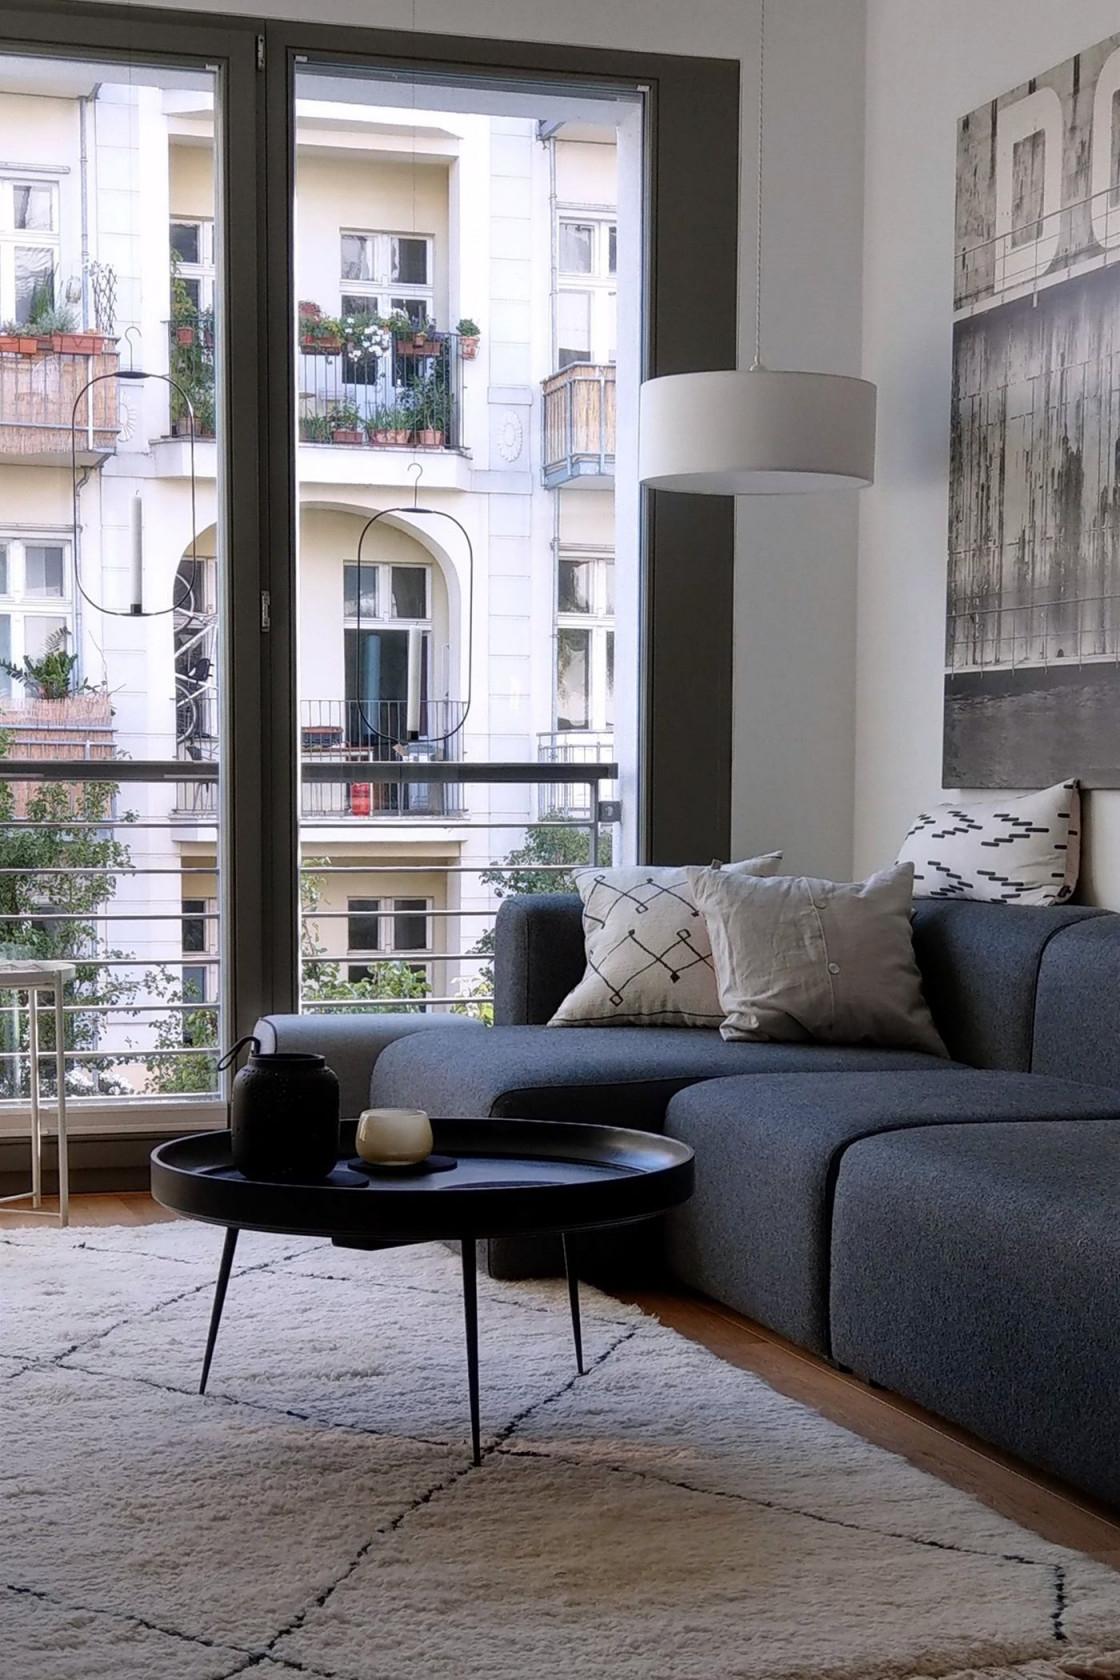 Wohnzimmer Die Schönsten Ideen von Ideen Wohnzimmer Einrichten Bild